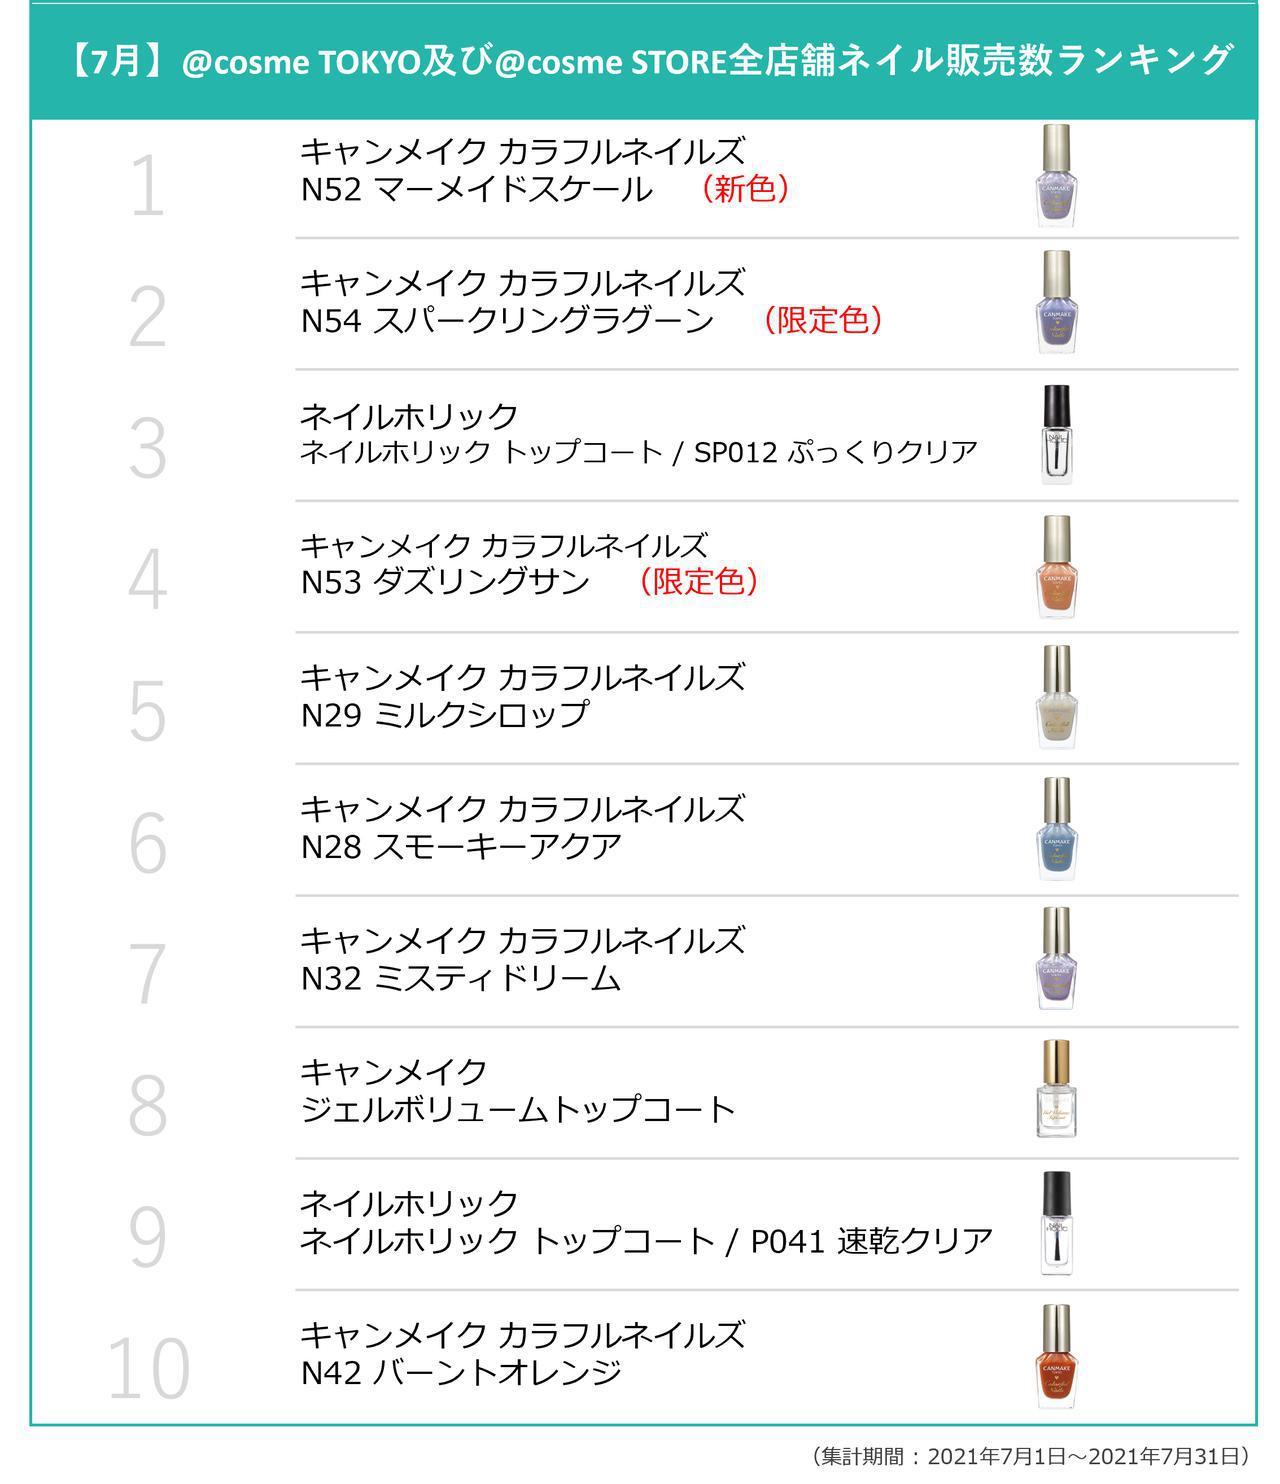 画像: 【7月】@cosme TOKYO及び@cosme STORE全店舗ネイル販売数ランキング